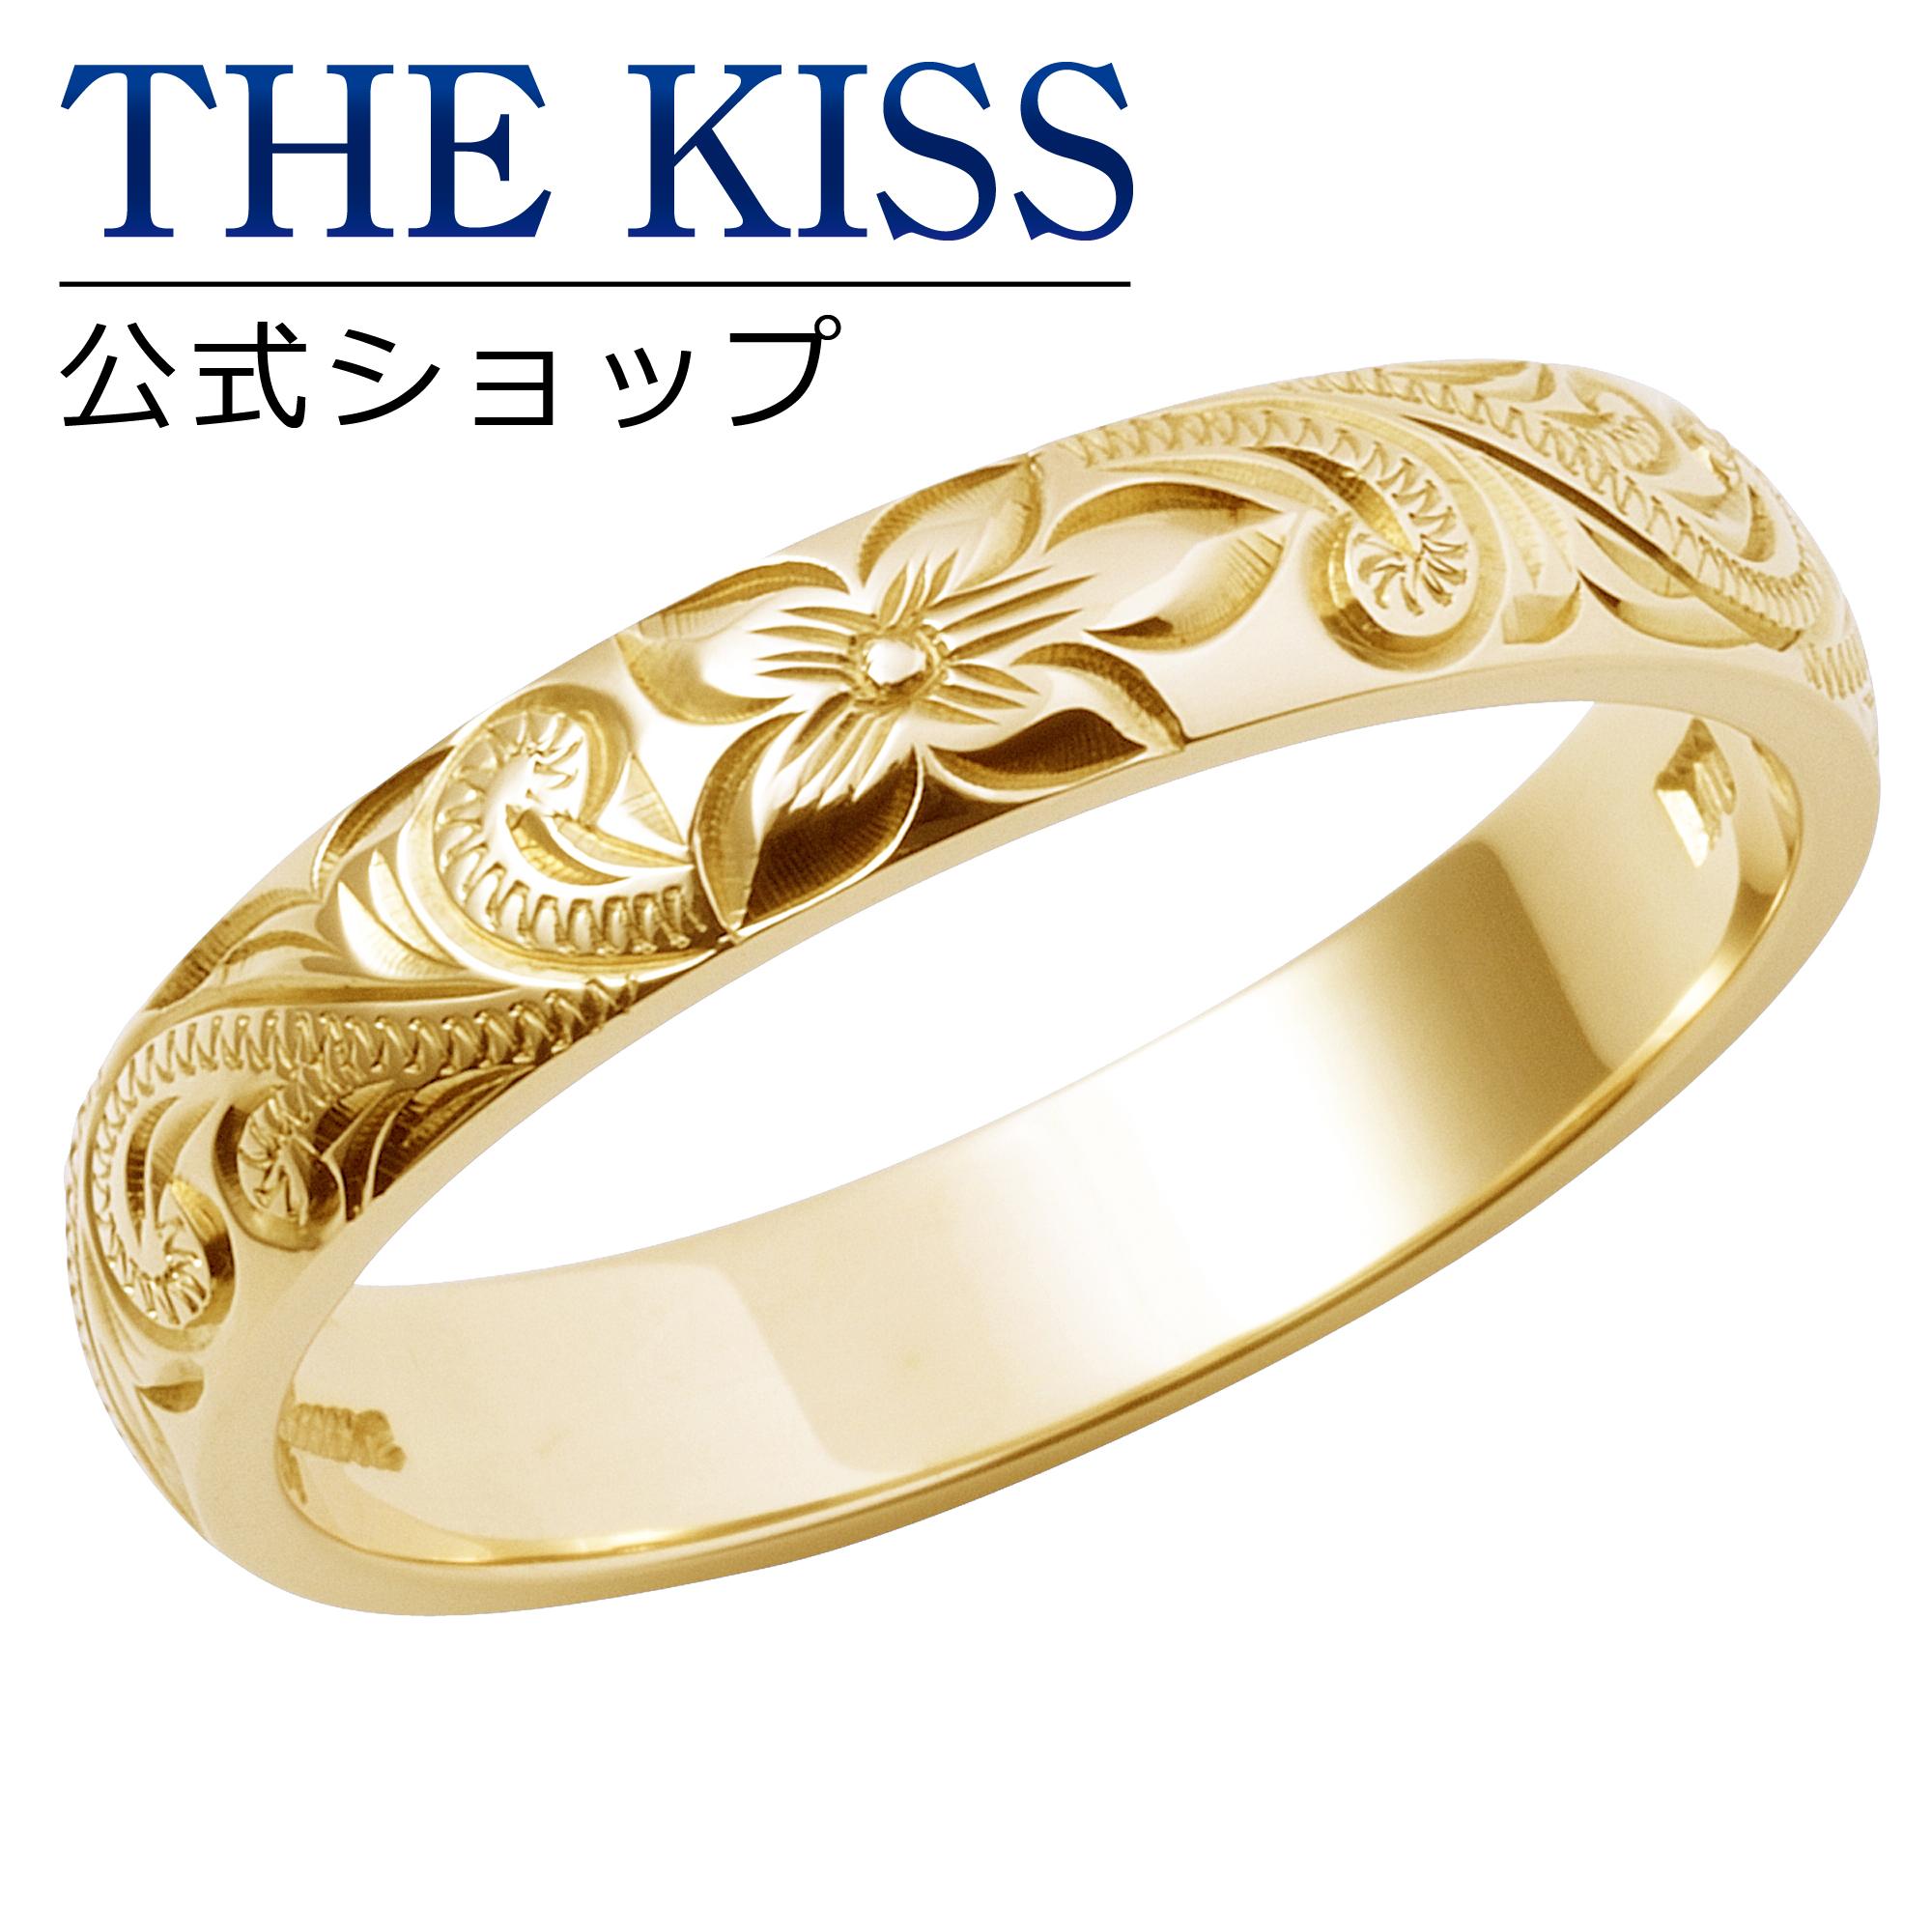 【刻印可_10文字】【Kahuna】 K10イエローゴールド マリッジリング ハワイアンジュエリー Fancy Scroll ファンシースクロール 結婚指輪 ペアリング ( メンズ 単品 ) THE KISS ザキッス リング・指輪 50W-RB-32-220-YG シンプル ザキス 【送料無料】